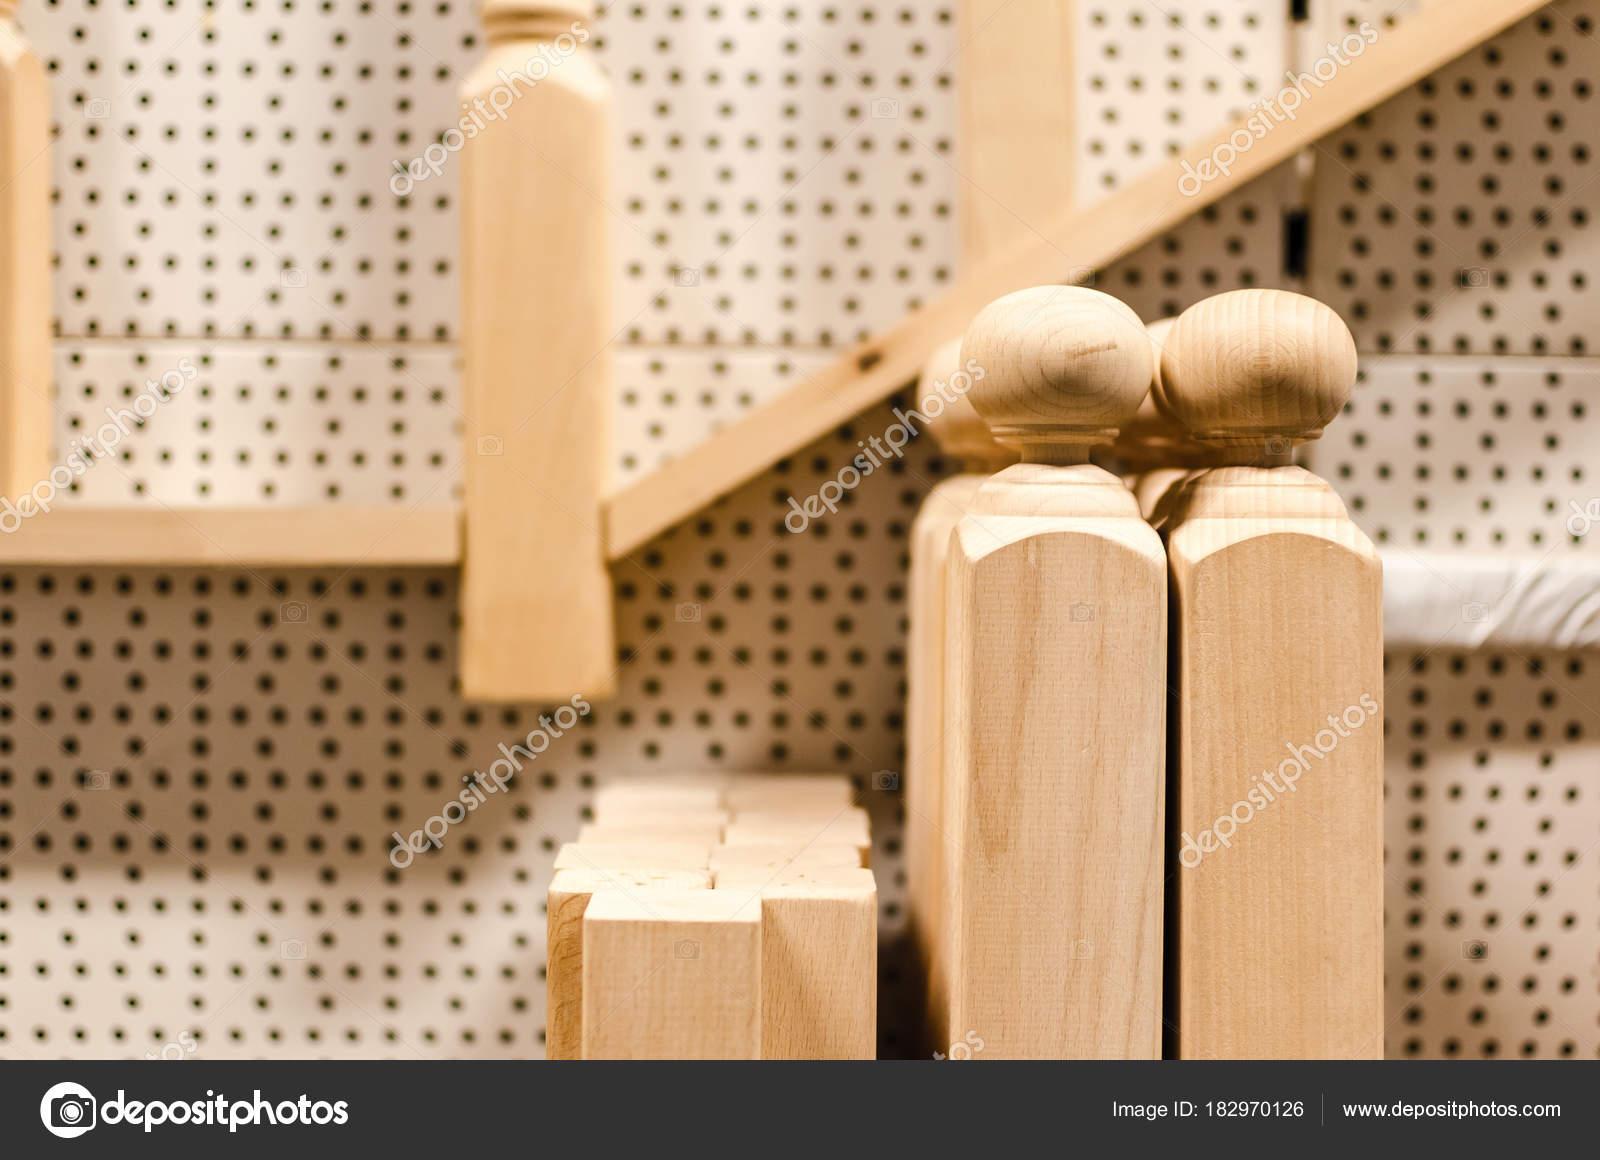 Postes Decorativos Madera Para Escaleras Cerca Tienda Tienda Con ...